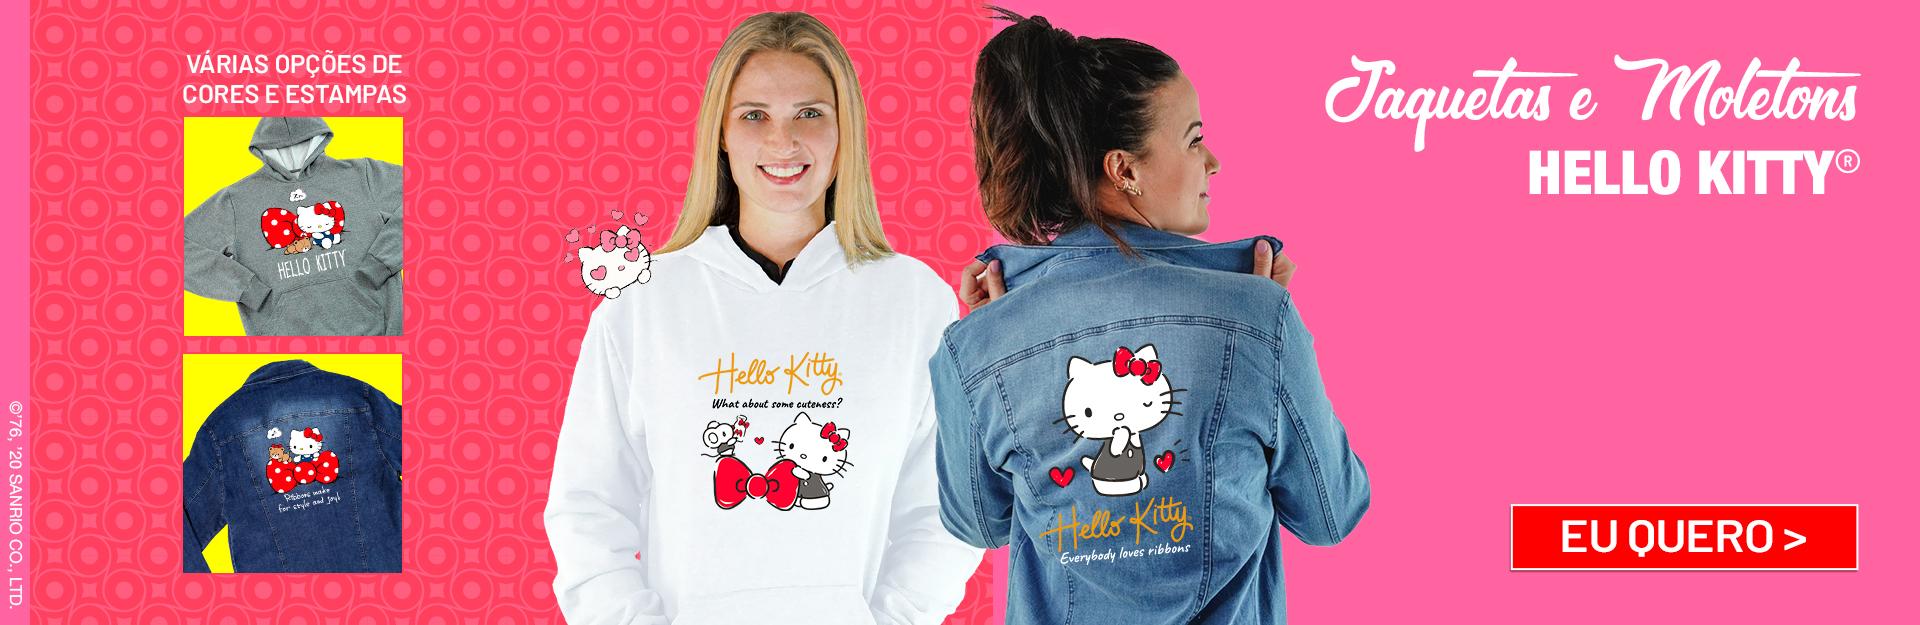 Jaquetas e Camisas Hello Kitty